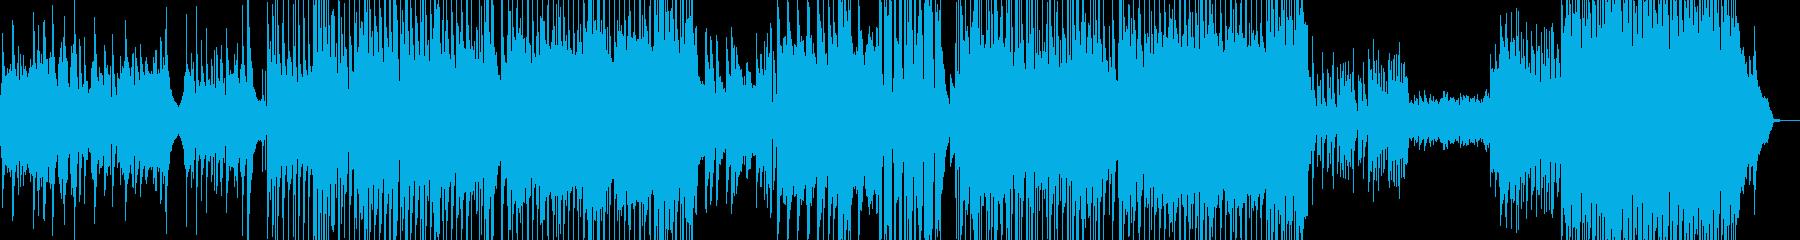 後半劇的・J-Pop風バラード 長尺+★の再生済みの波形